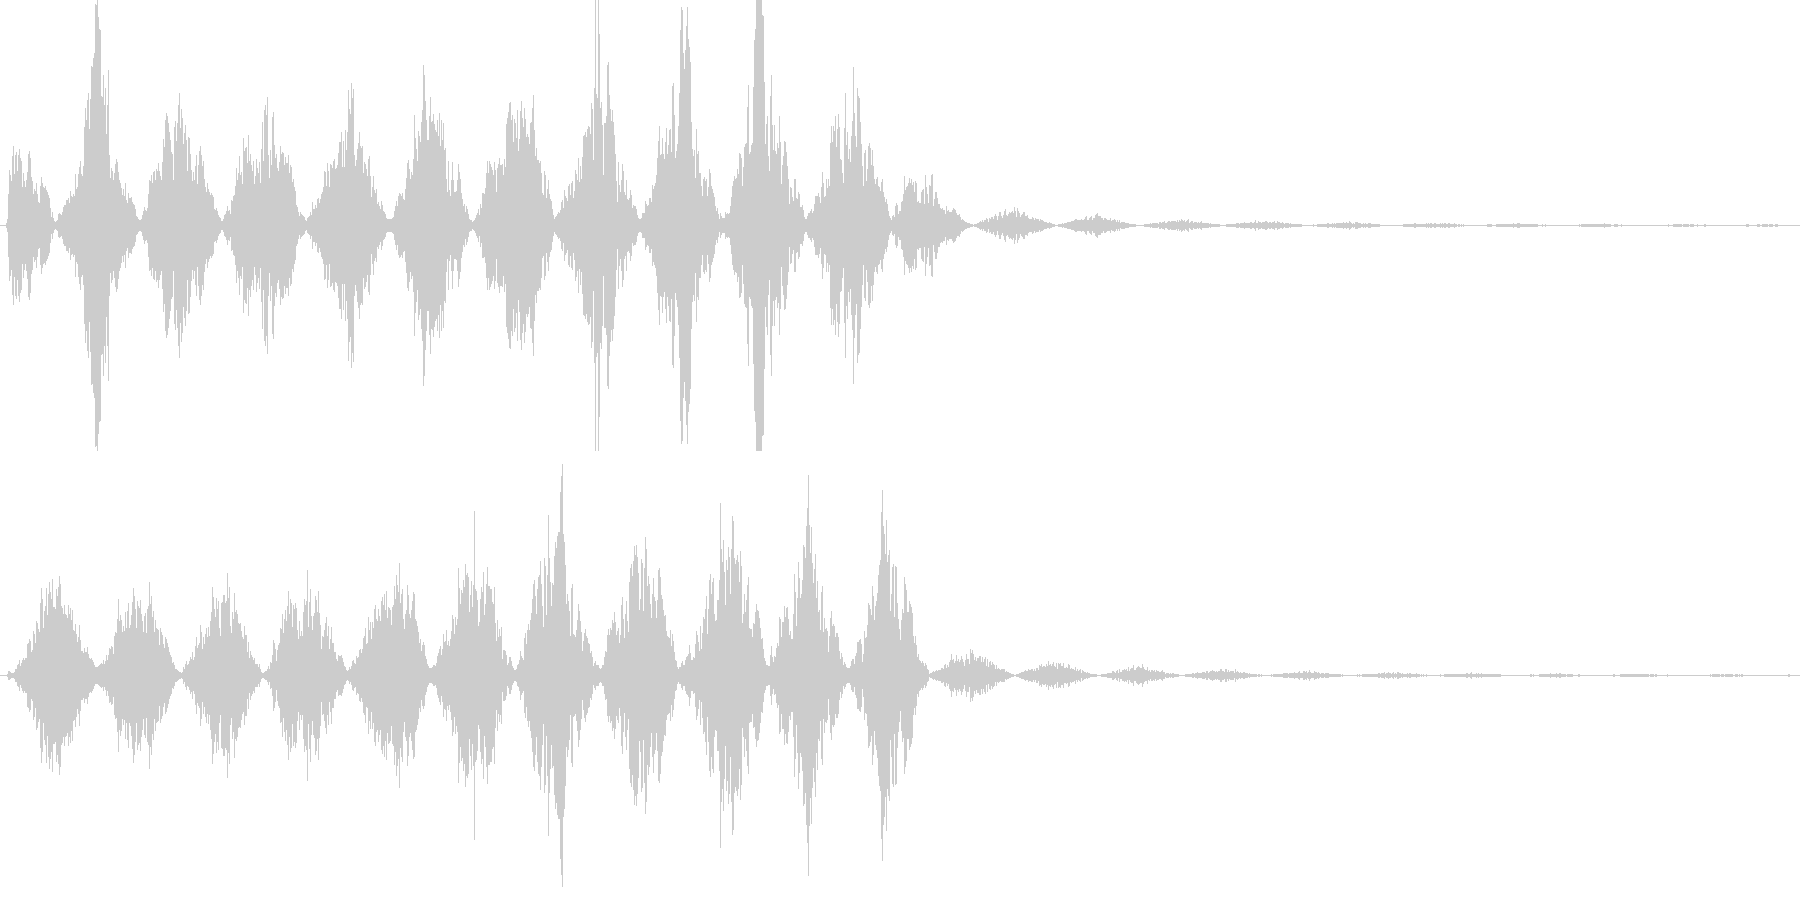 ビーム・レーザー等の発射音の未再生の波形